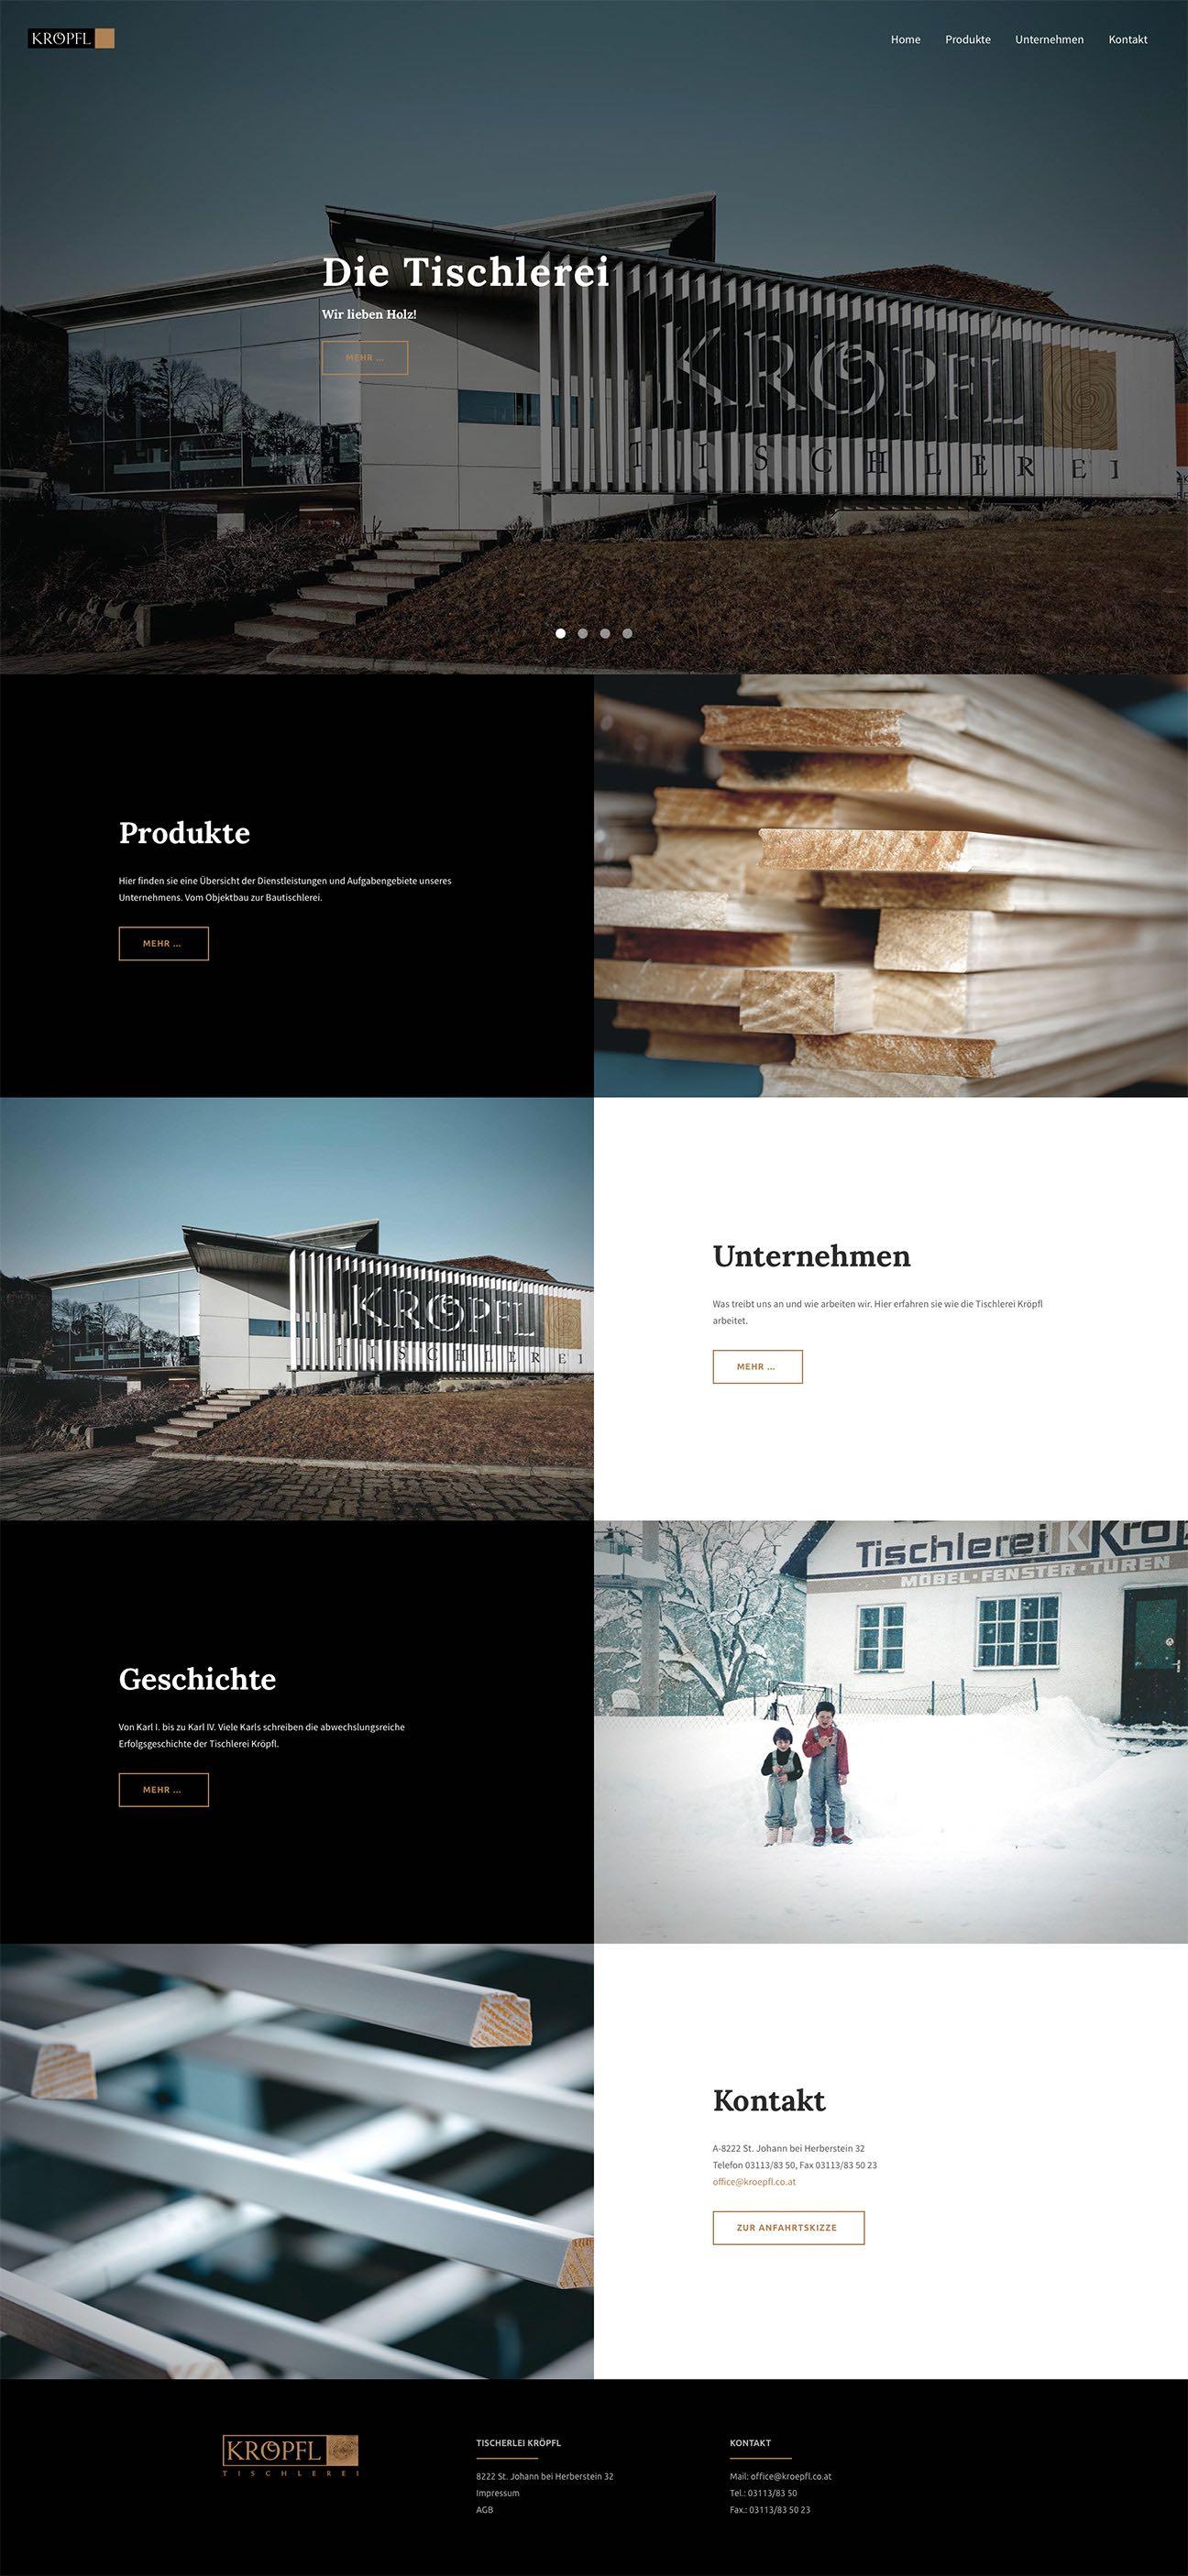 Kröpfl Website 2016